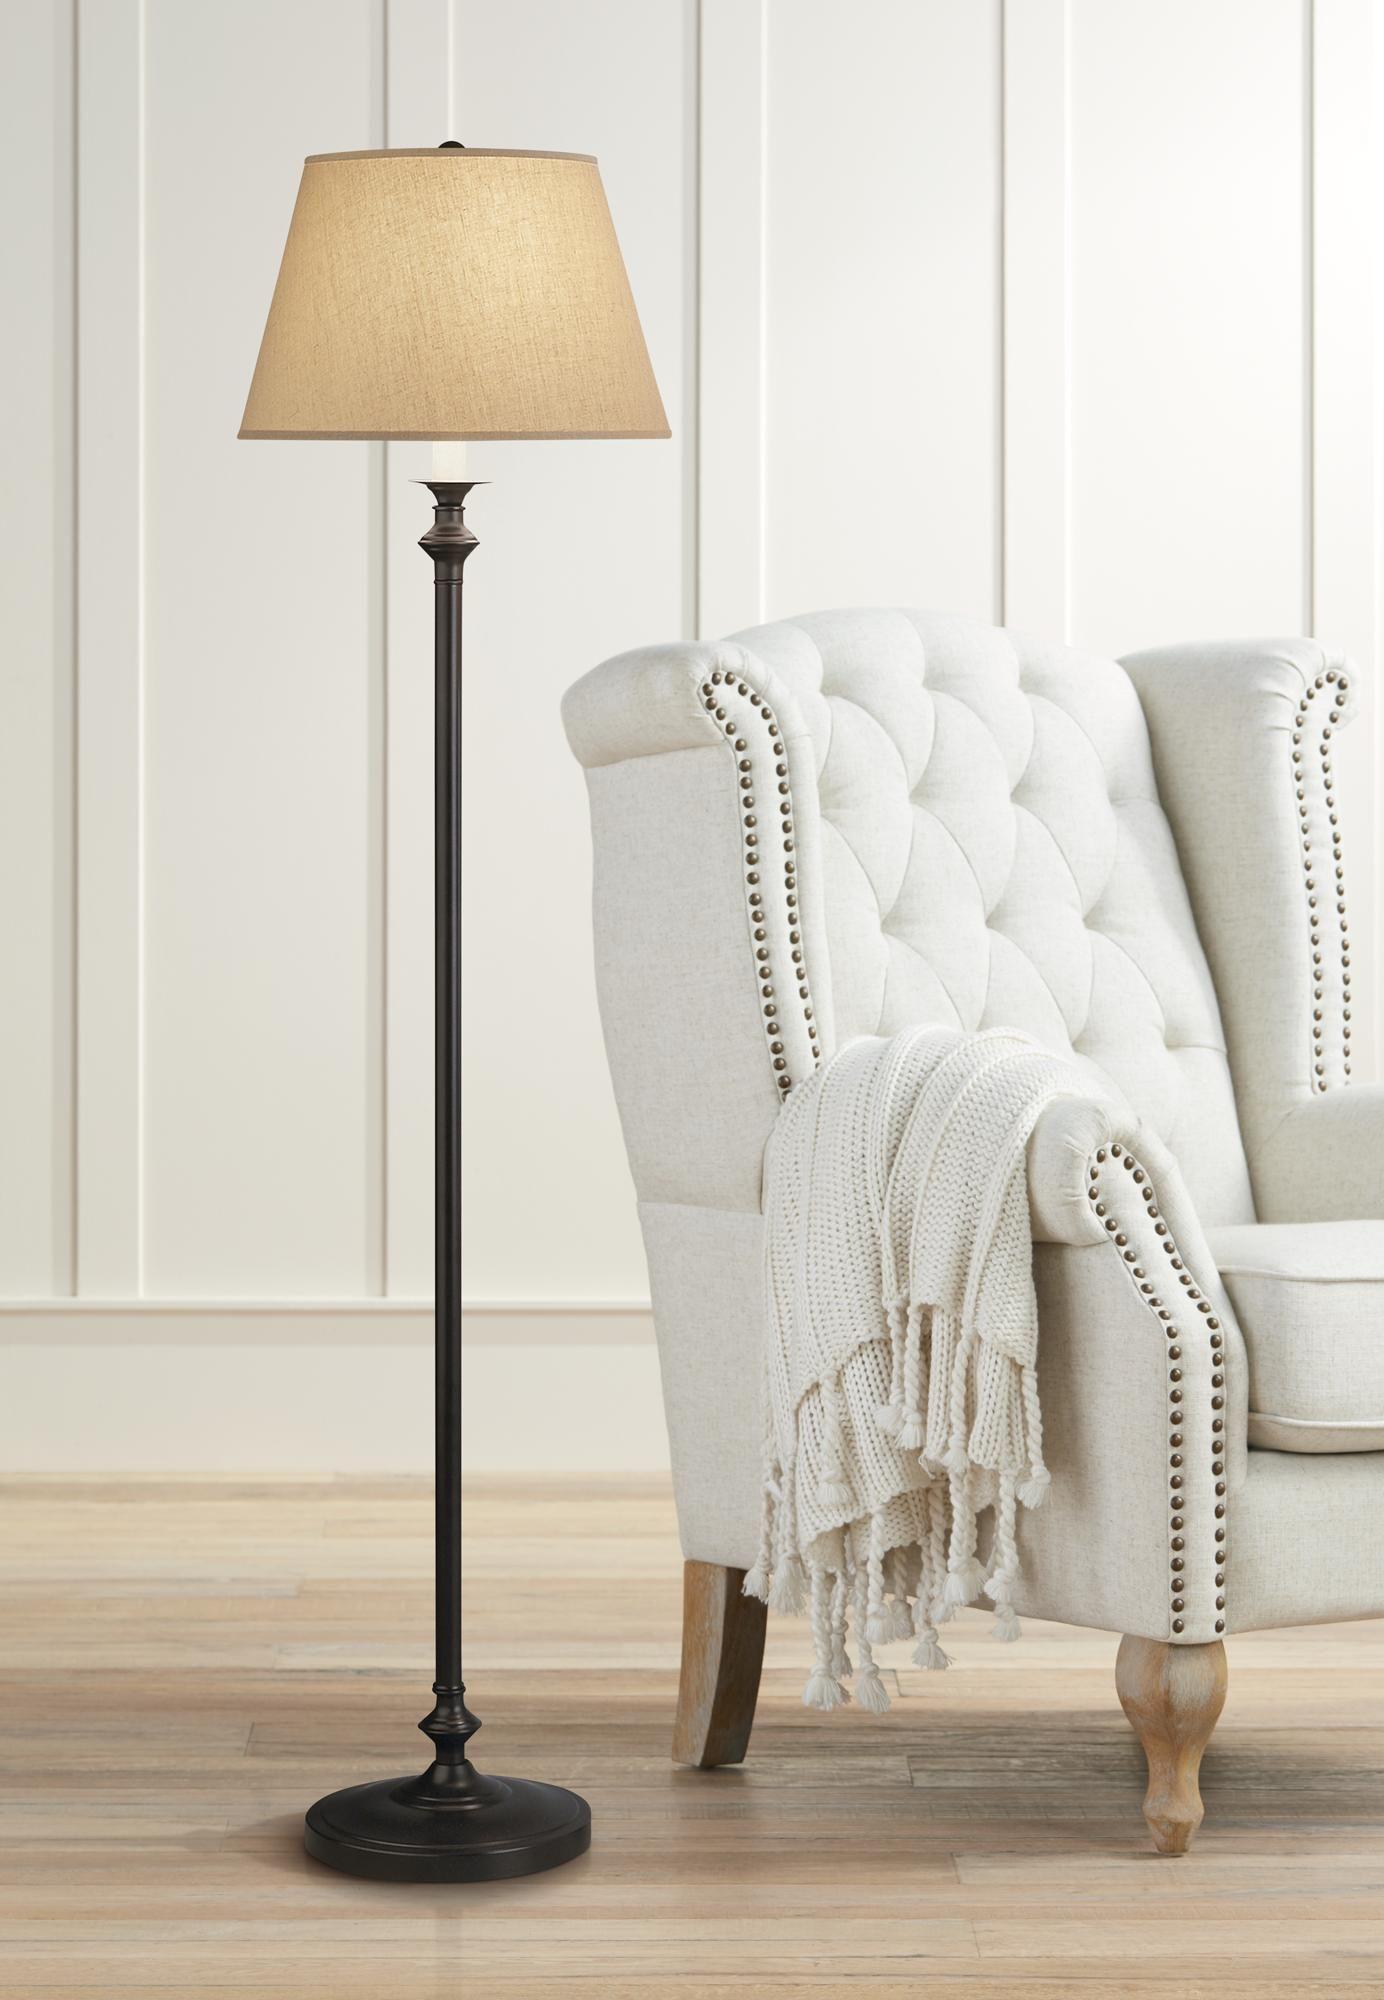 Floor Lamps Robert Abbey Wilton Golden Saki Shade Floor Lamp In 2020 Floor Lamp Styles Floor Lamp Bedroom Floor Lamp